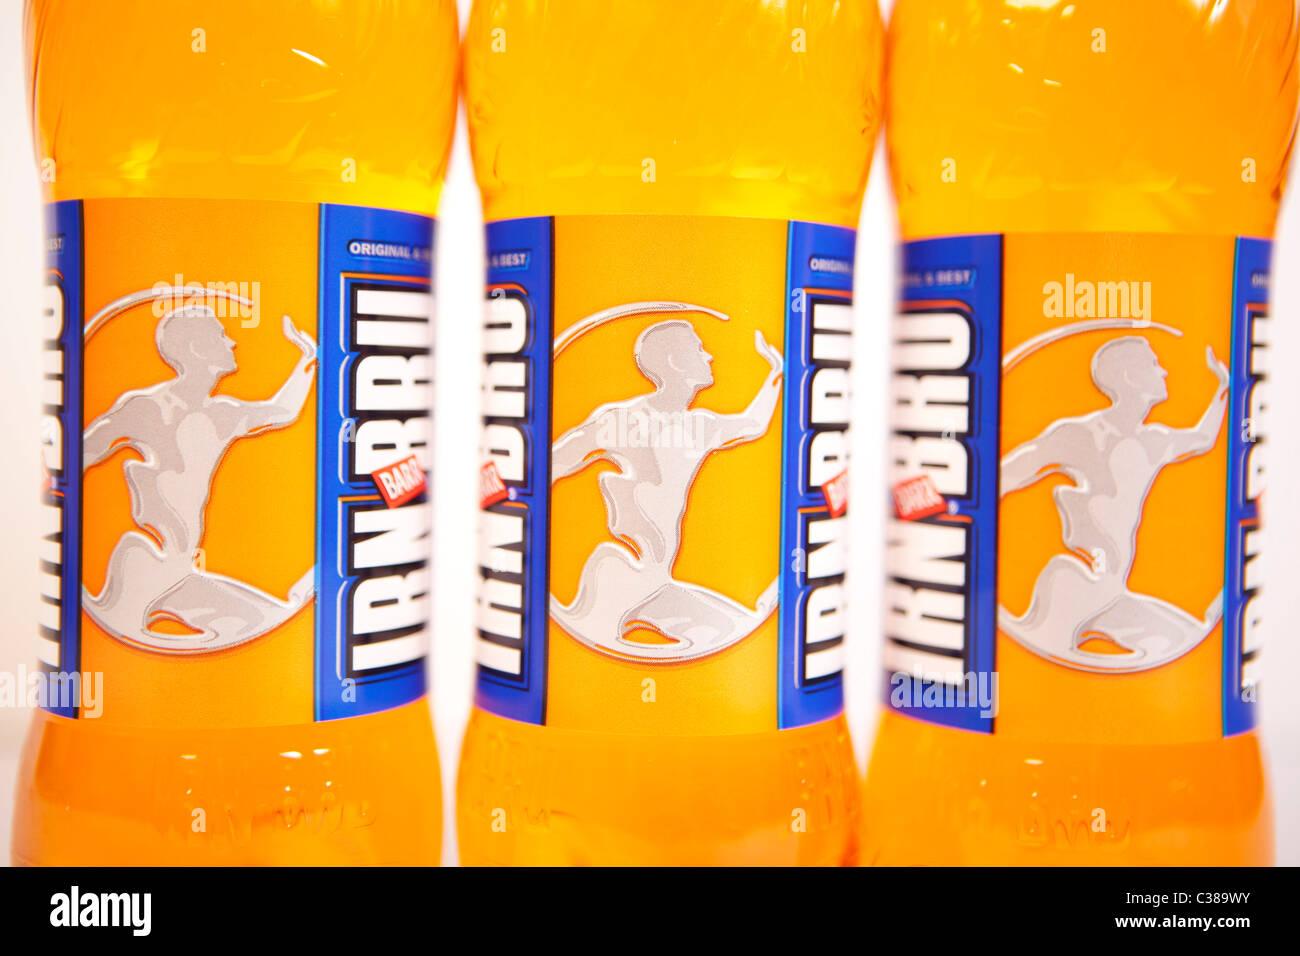 Image d'illustration de l'IRN Bru bouteilles. Photo Stock